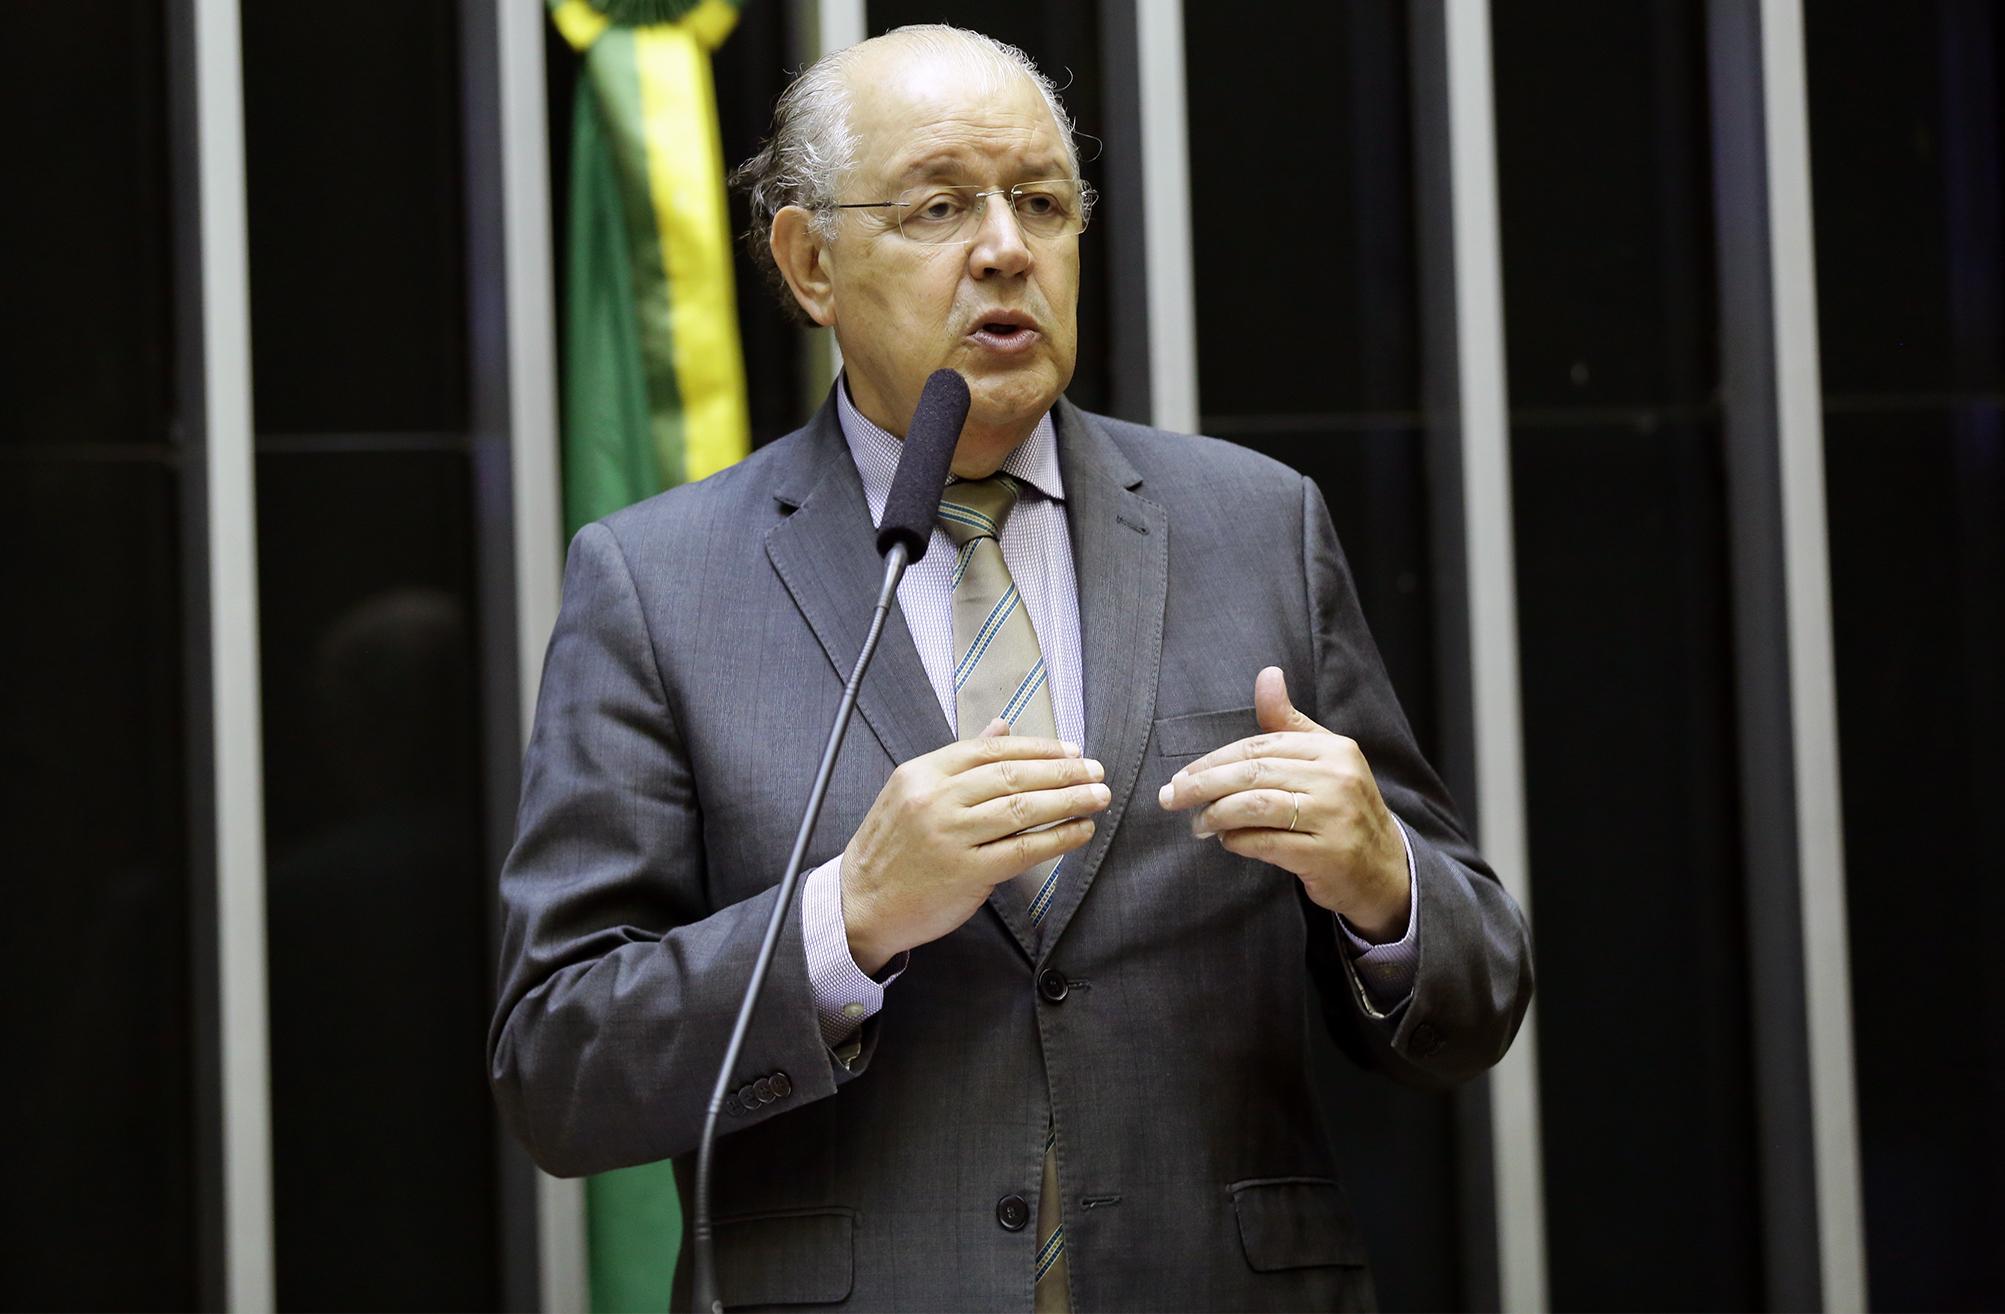 Sessão Solene em Homenagem aos Vinte anos da Sanção da Lei nº 9755 de 1998, conhecida como Lei Hauly. Dep. Luiz Carlos Hauly (PSDB - PR)